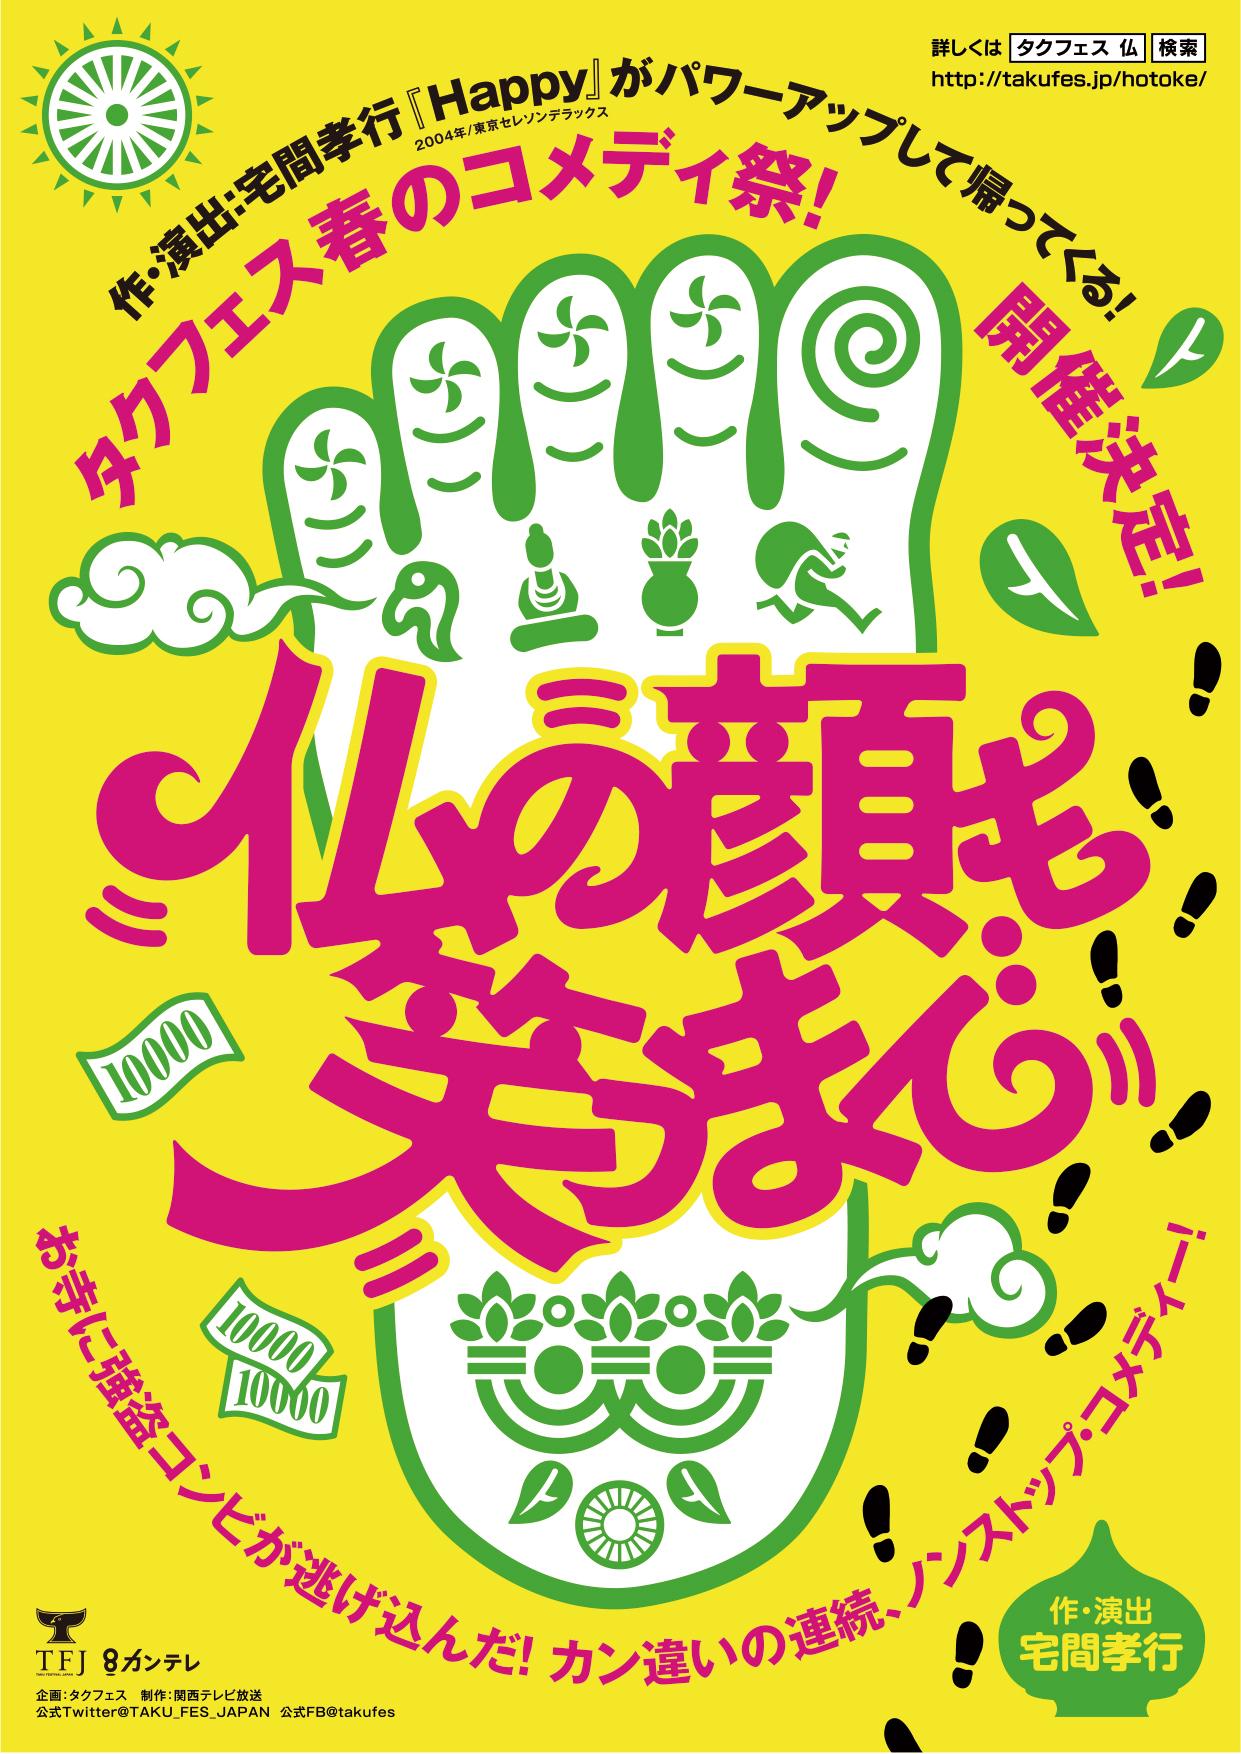 タクフェス春のコメディ祭!「仏の顔も笑うまで」名古屋公演